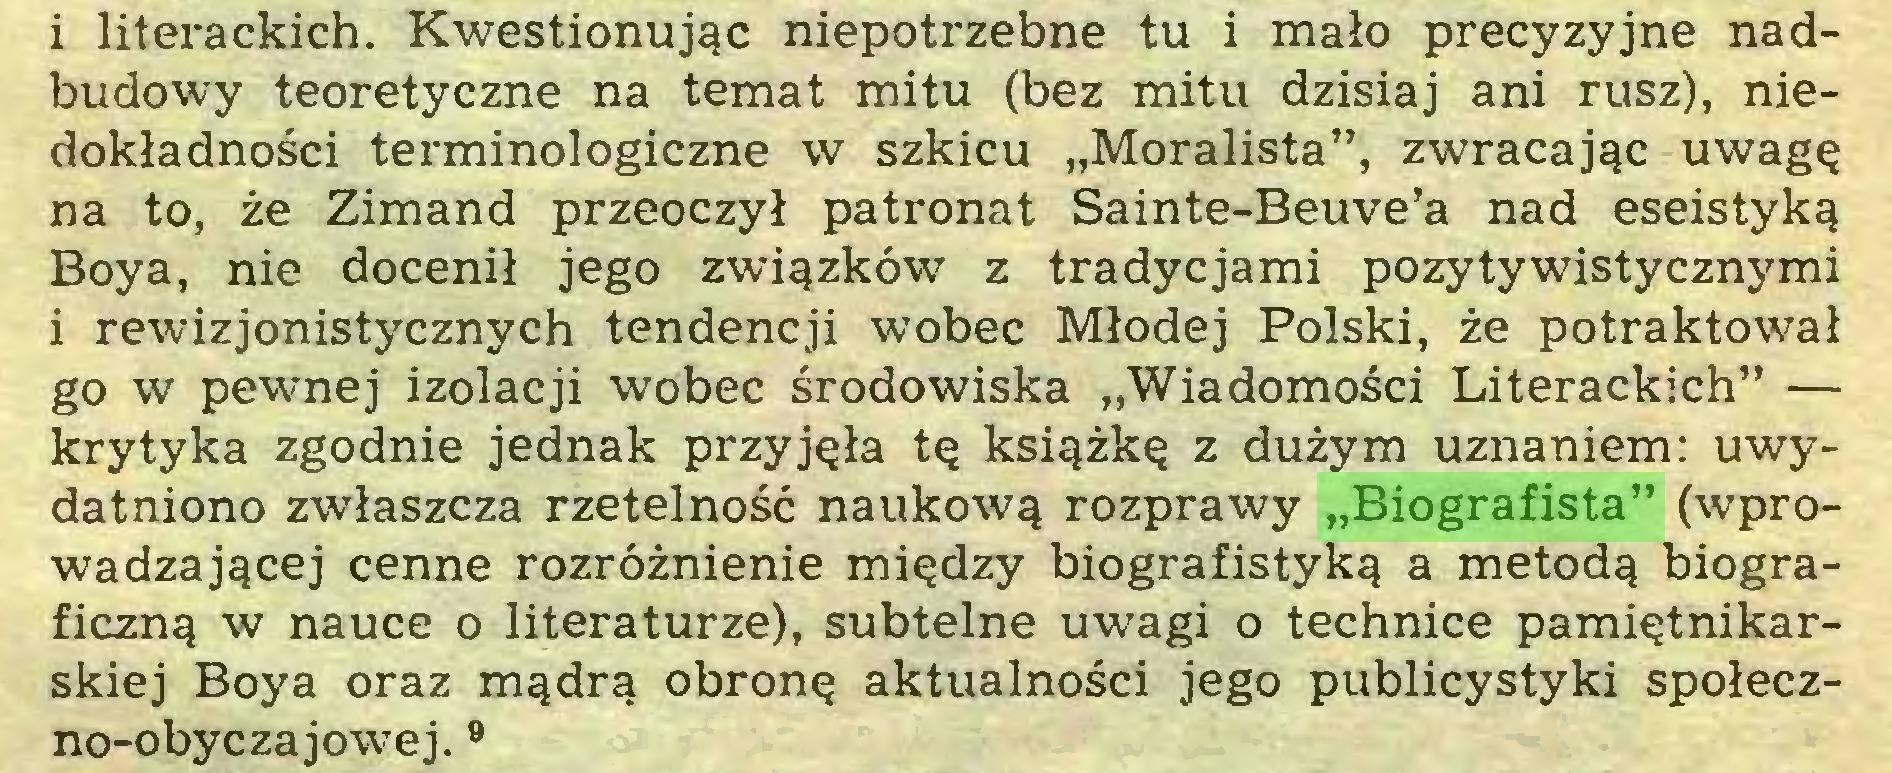 """(...) i literackich. Kwestionując niepotrzebne tu i mało precyzyjne nadbudowy teoretyczne na temat mitu (bez mitu dzisiaj ani rusz), niedokładności terminologiczne w szkicu """"Moralista"""", zwracając uwagę na to, że Zimand przeoczył patronat Sainte-Beuve'a nad eseistyką Boya, nie docenił jego związków z tradycjami pozytywistycznymi i rewizjonistycznych tendencji wobec Młodej Polski, że potraktował go w pewnej izolacji wobec środowiska """"Wiadomości Literackich"""" — krytyka zgodnie jednak przyjęła tę książkę z dużym uznaniem: uwydatniono zwłaszcza rzetelność naukową rozprawy """"Biografista"""" (wprowadzającej cenne rozróżnienie między biografistyką a metodą biograficzną w nauce o literaturze), subtelne uwagi o technice pamiętnikarskiej Boya oraz mądrą obronę aktualności jego publicystyki społeczno-obyczajowej. 9..."""